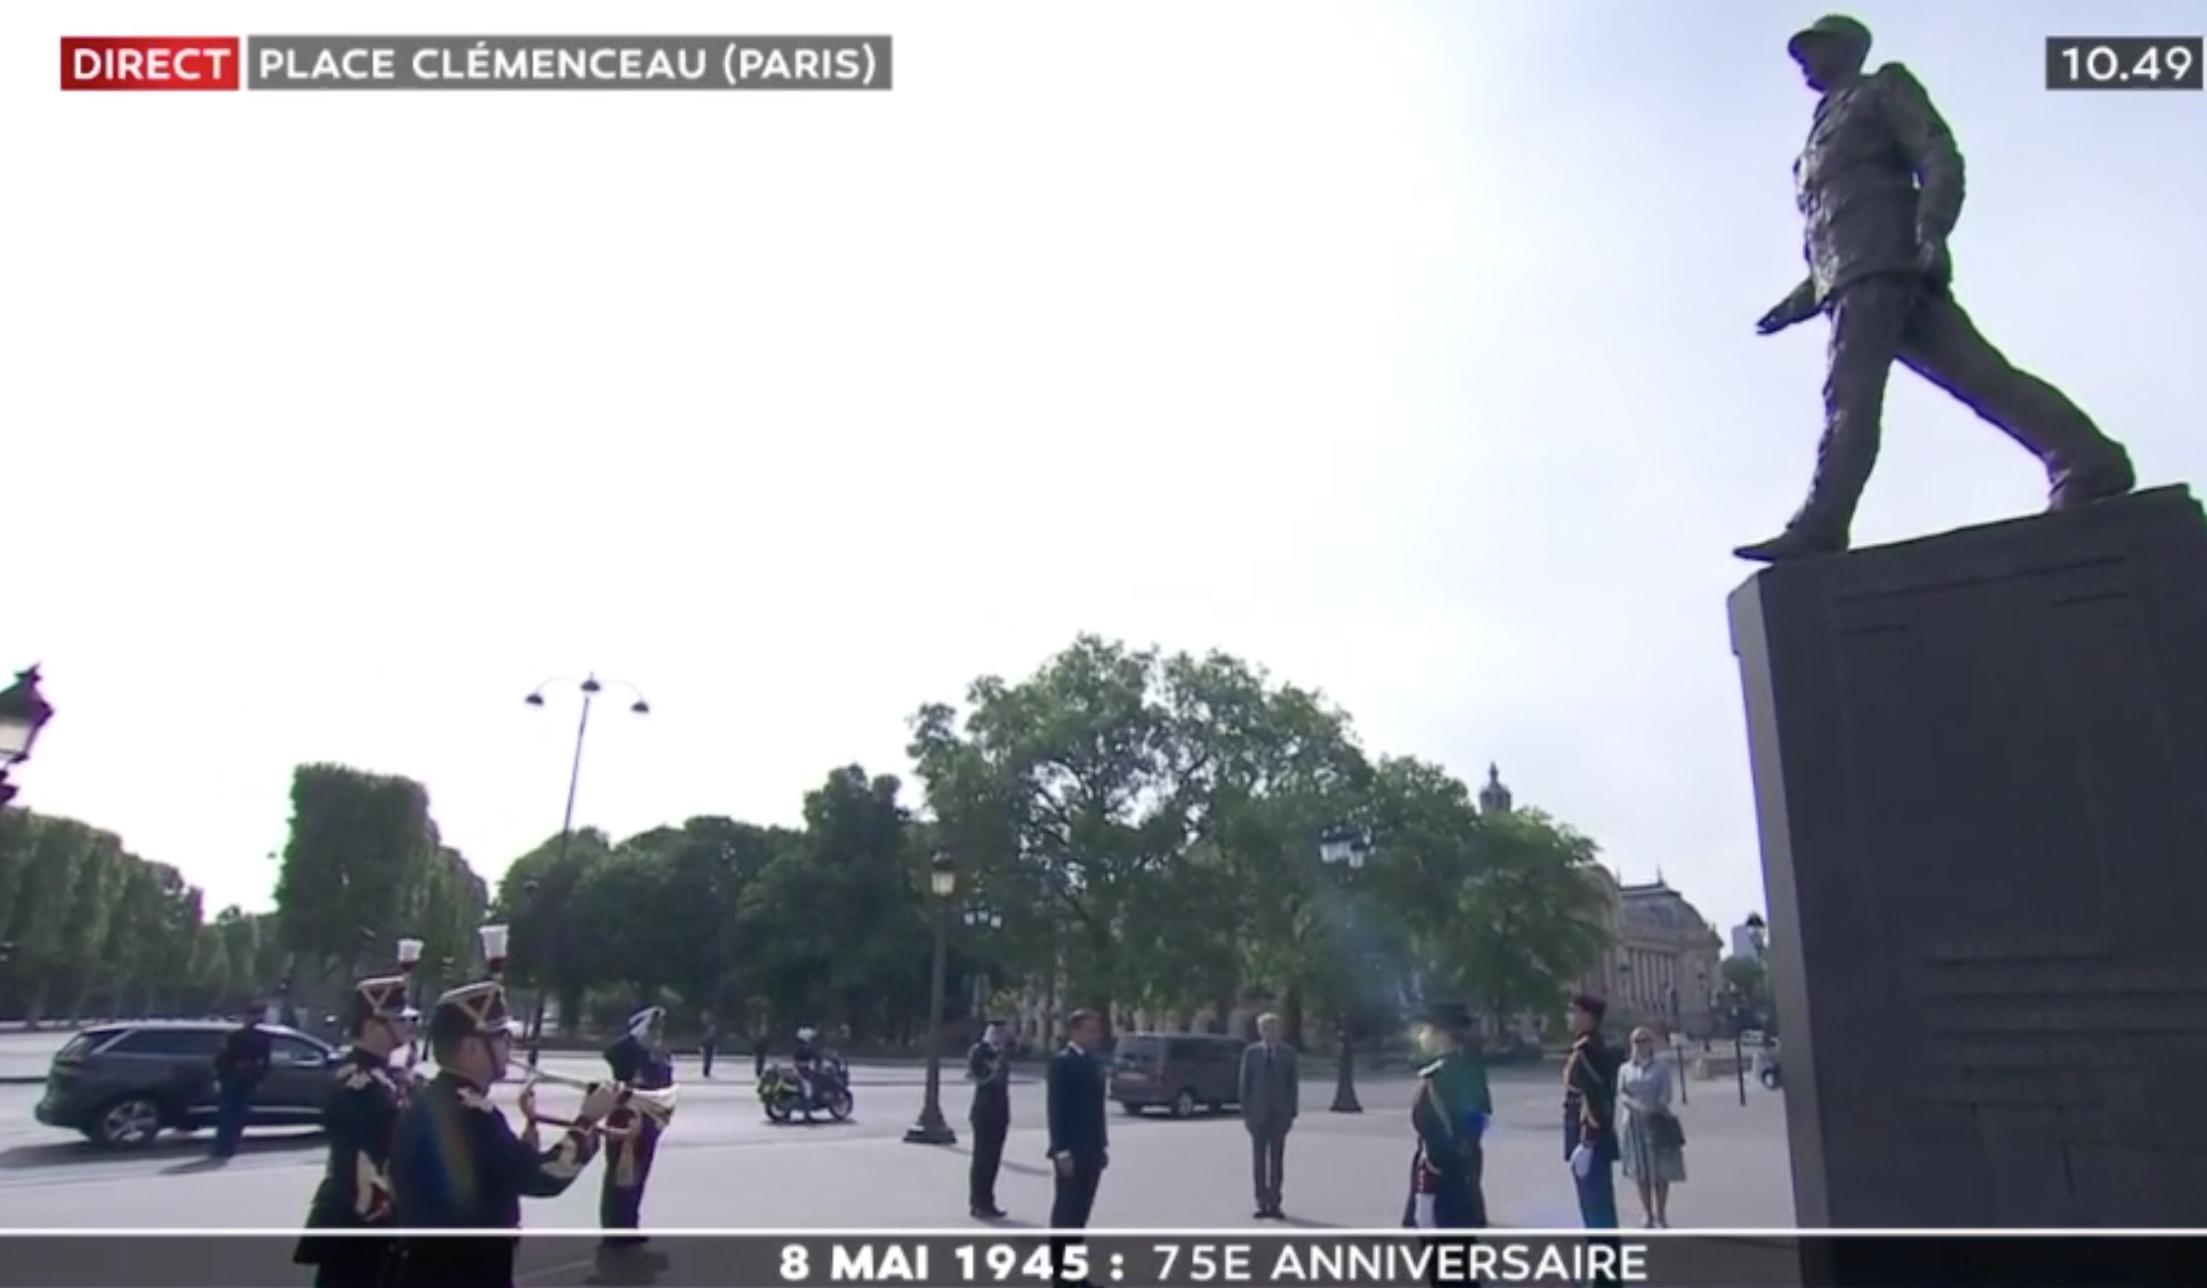 De Gaulle Macron